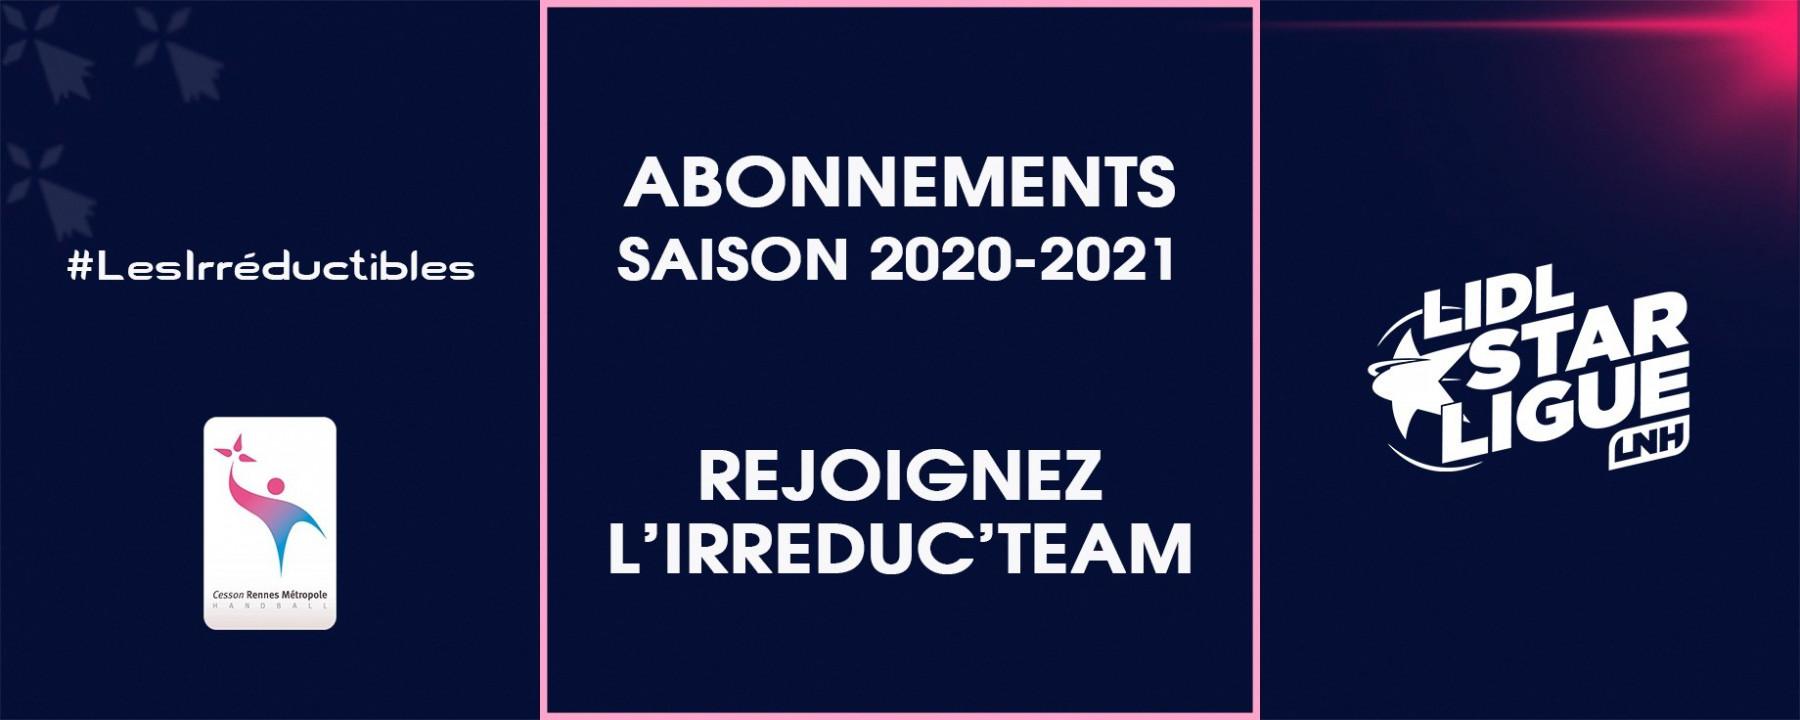 Rejoignez l'Irréduc'team : abonnements 2020-2021